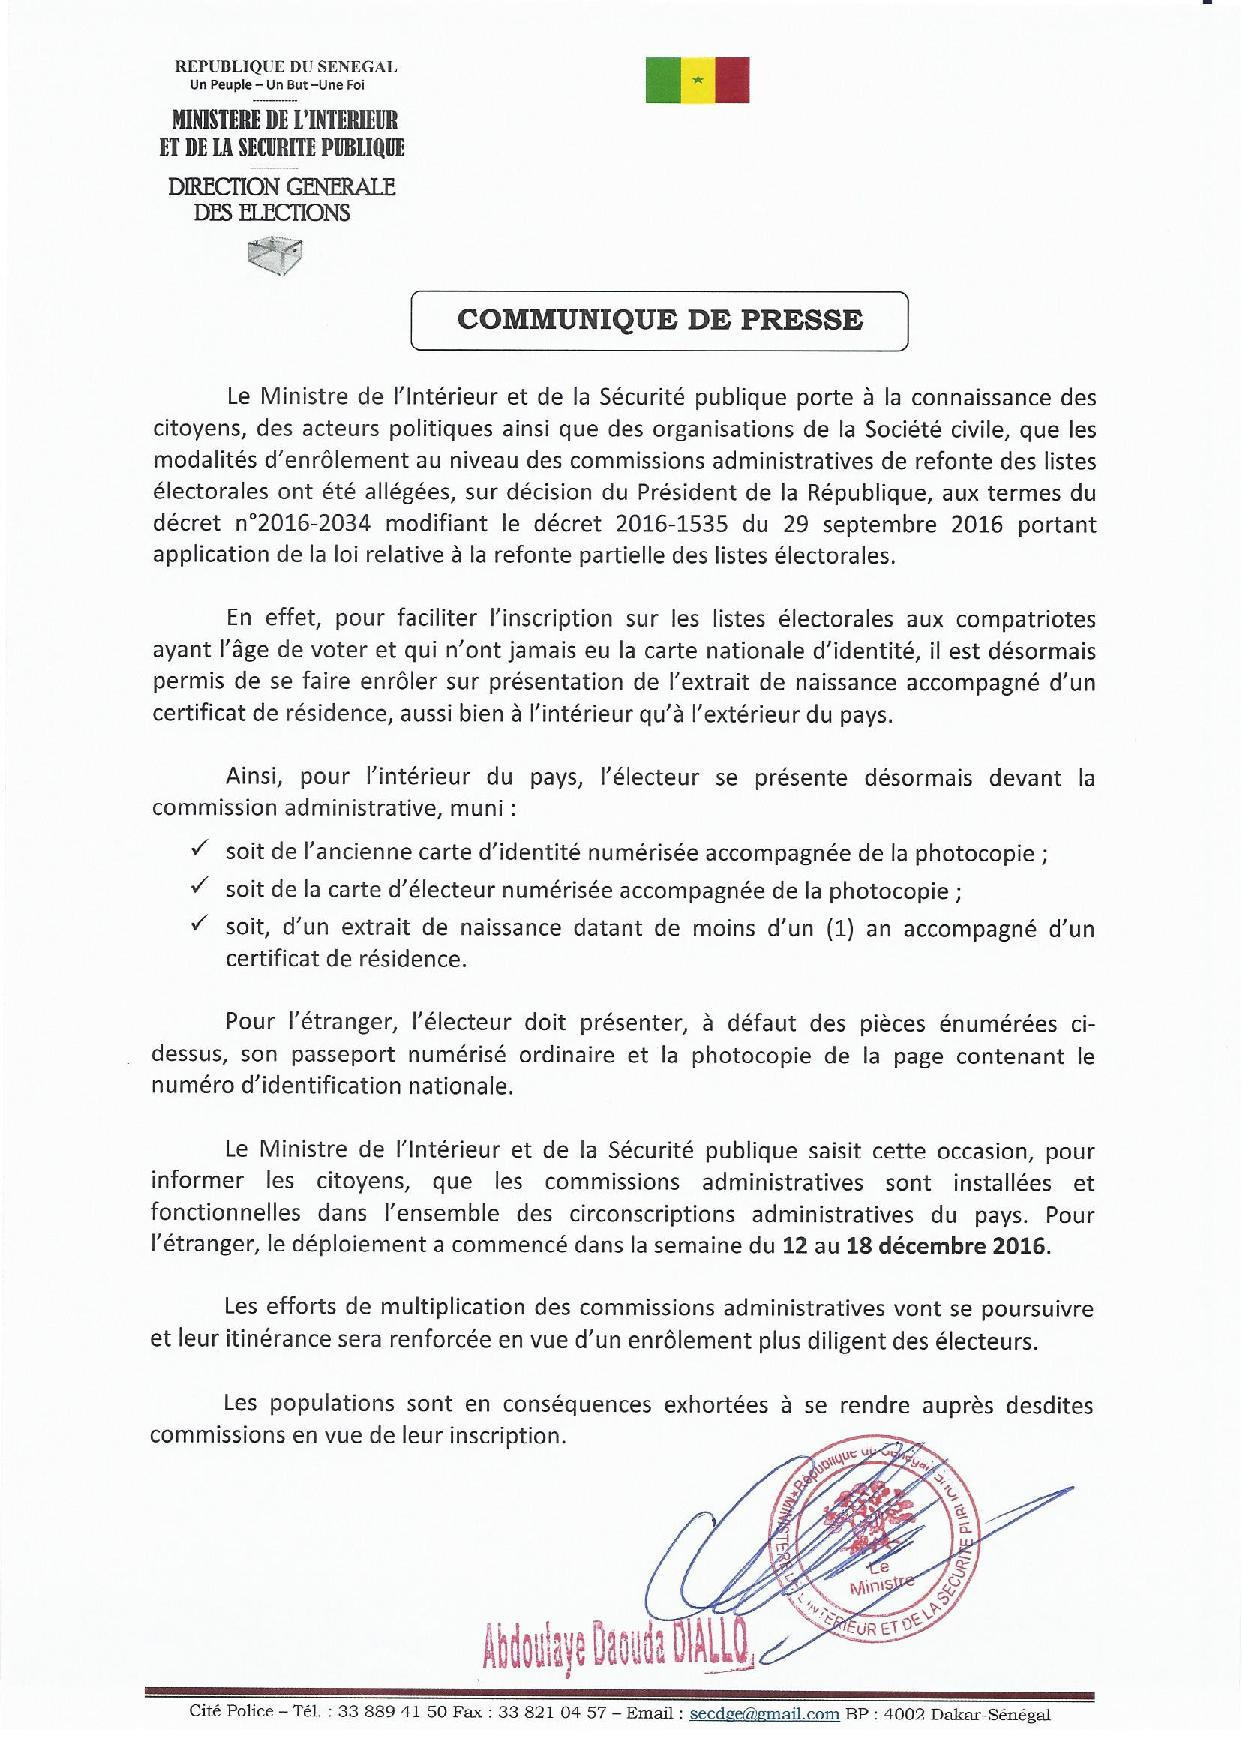 Facilitation des inscriptions sur les listes électorales : les précisions du ministère de l'Intérieur (communiqué)